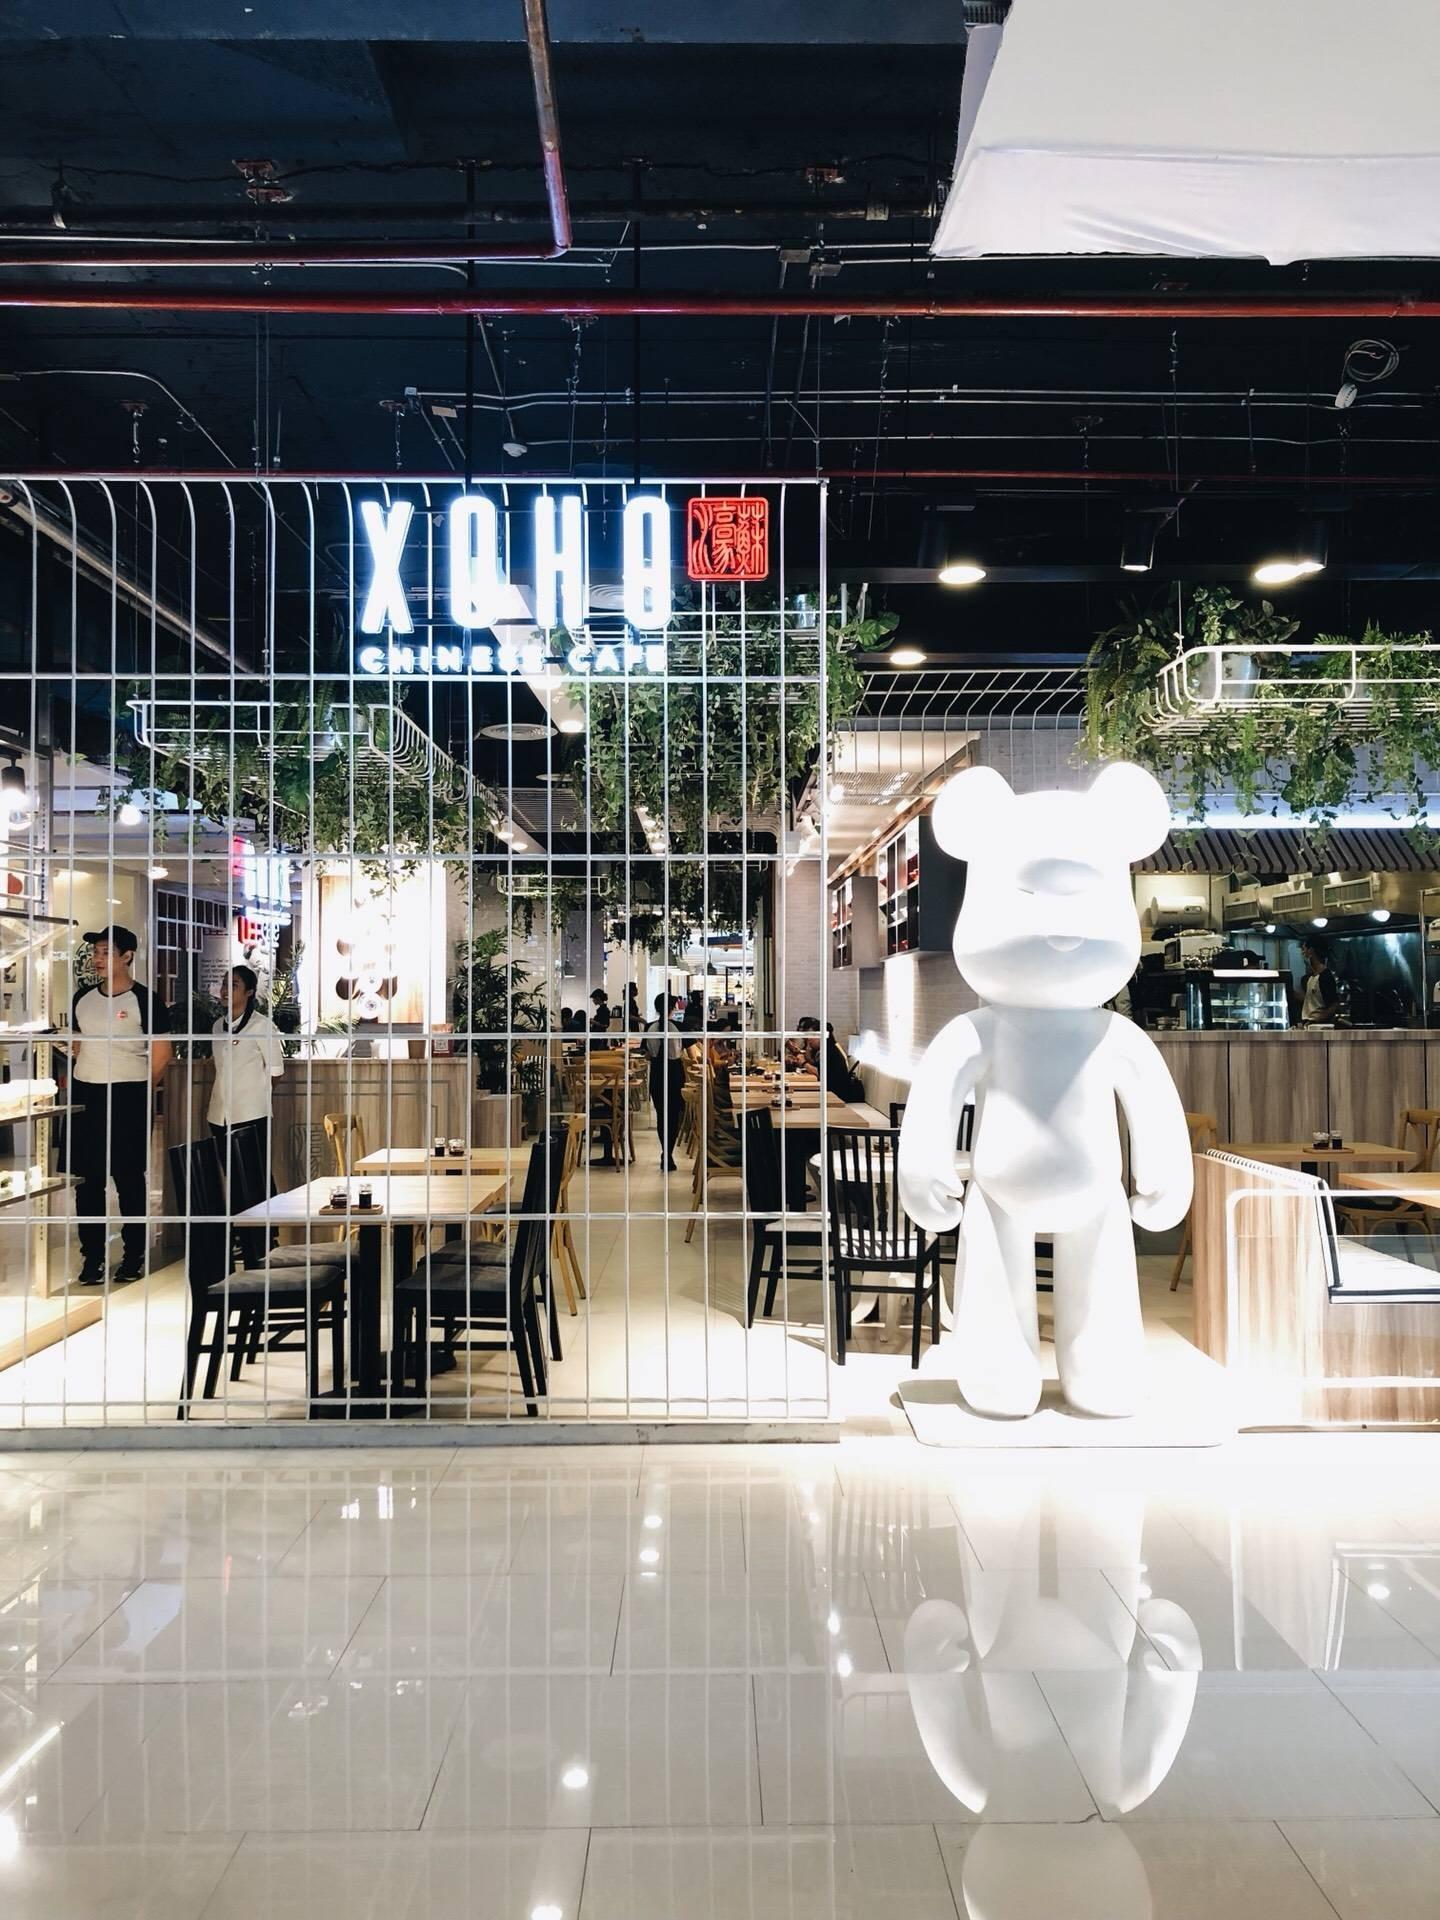 Xoho Chinese Cafe CentralWorld